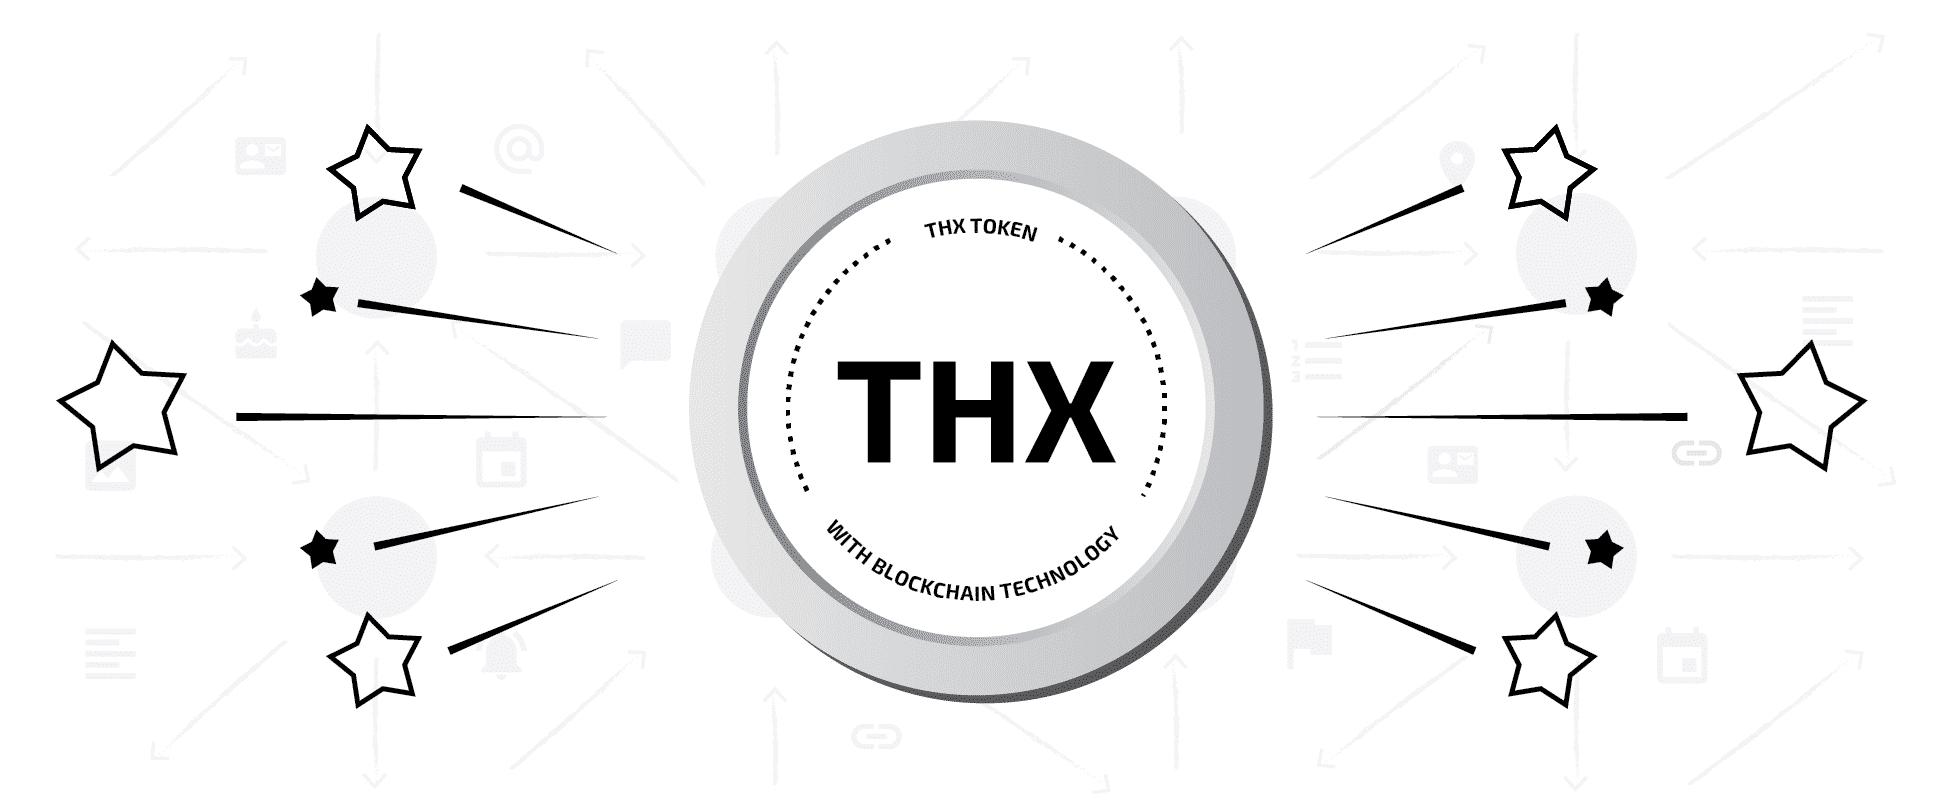 THX Token on the blockchain instead of gamification